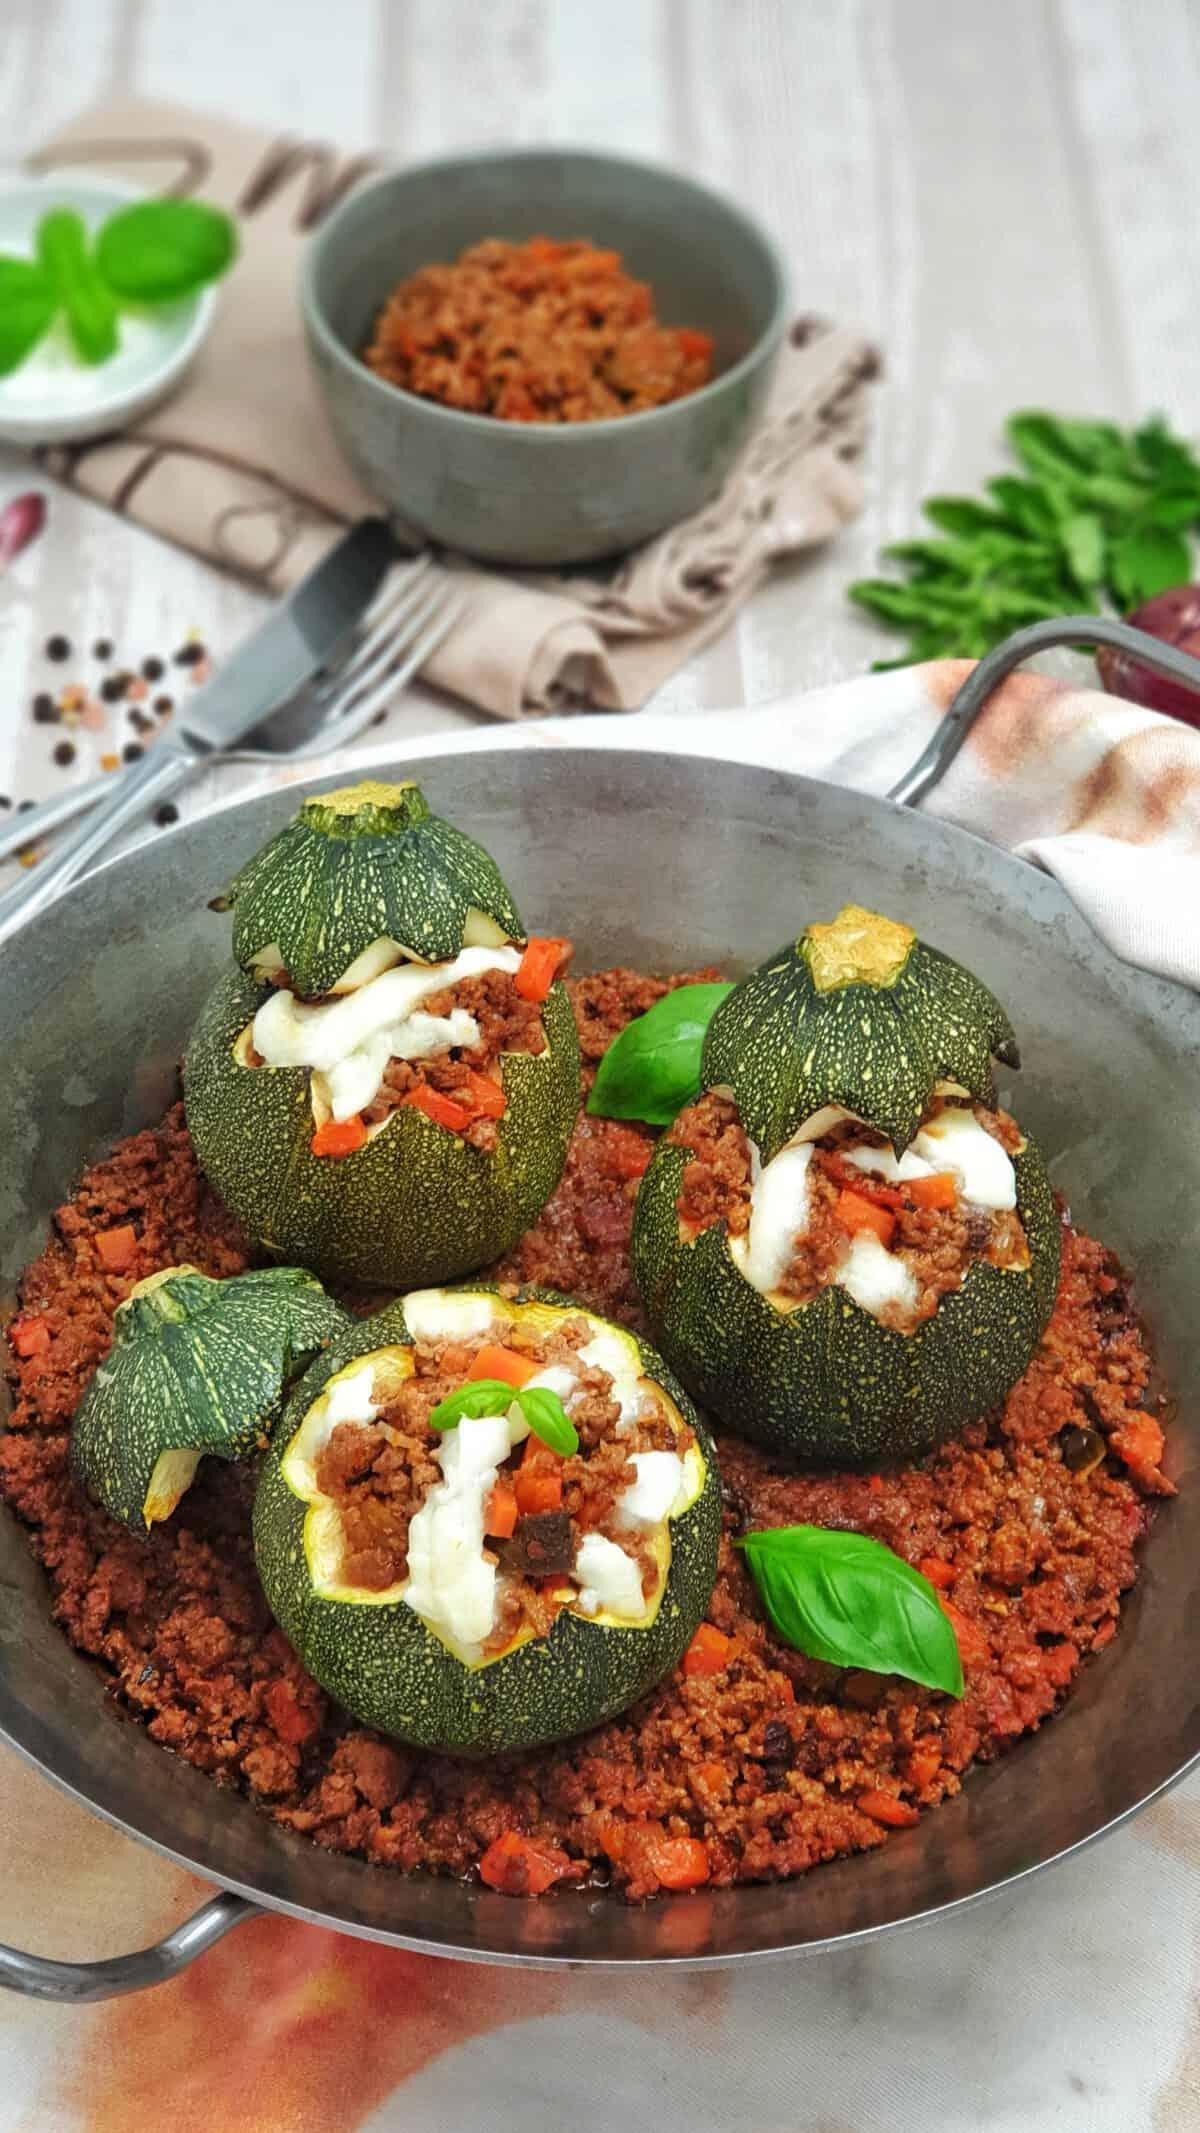 Gefüllte Zucchini mit Hackfleisch-Tomatensoße aus dem Ofen. Mit Käse überbacken in einer Gußpfanne serviert.